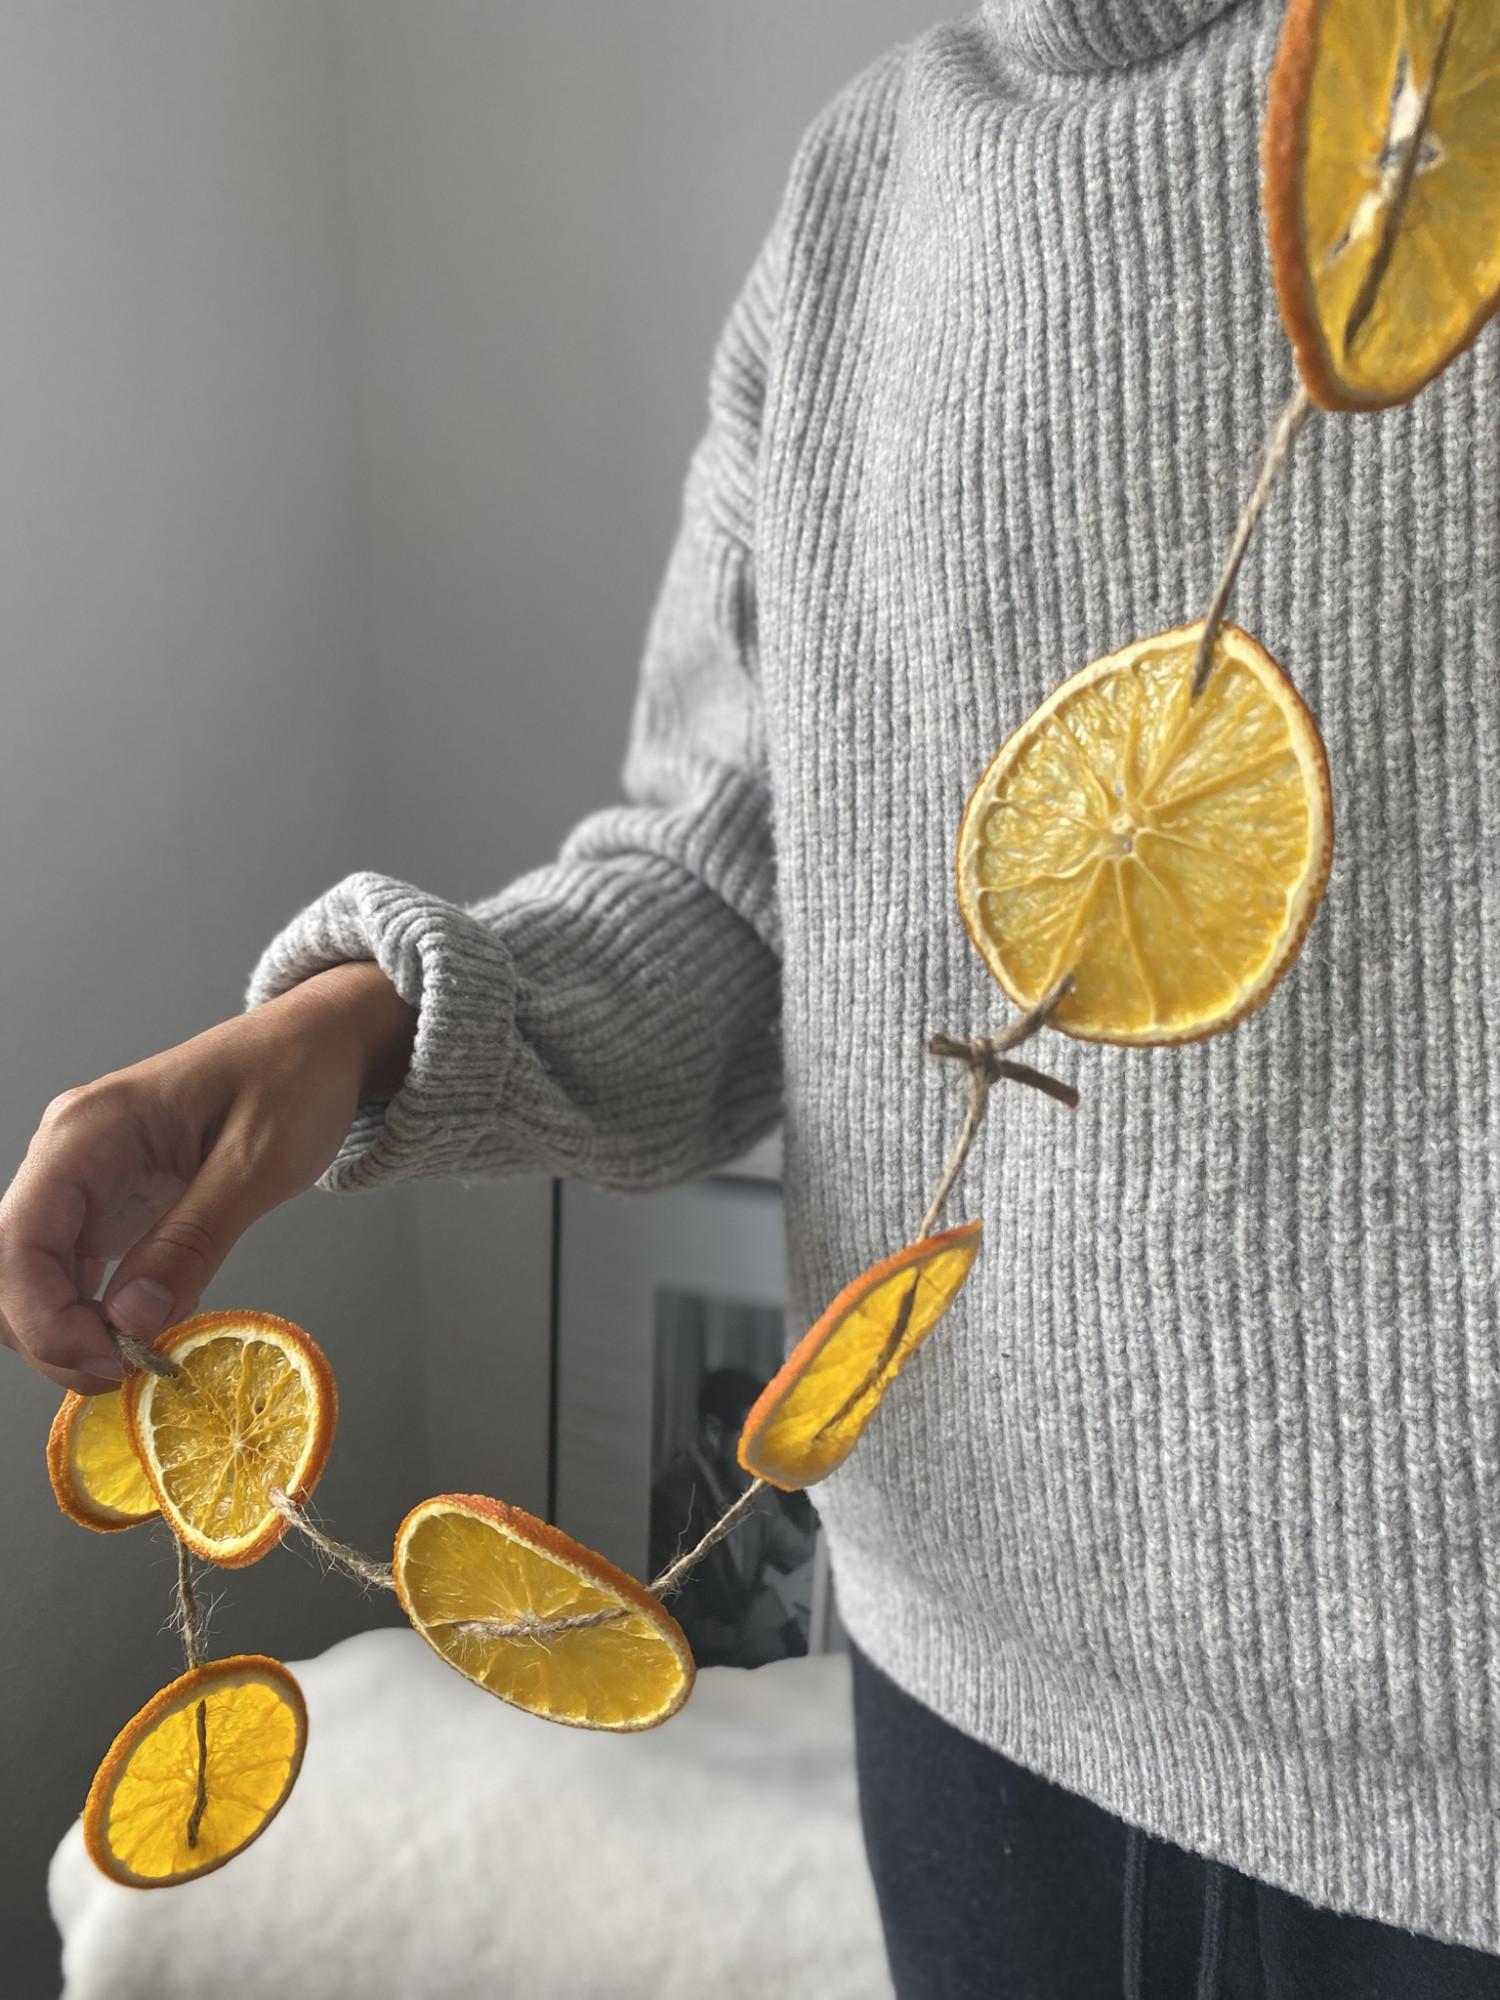 Julehygge - Guirlande - Tørrede appelsiner